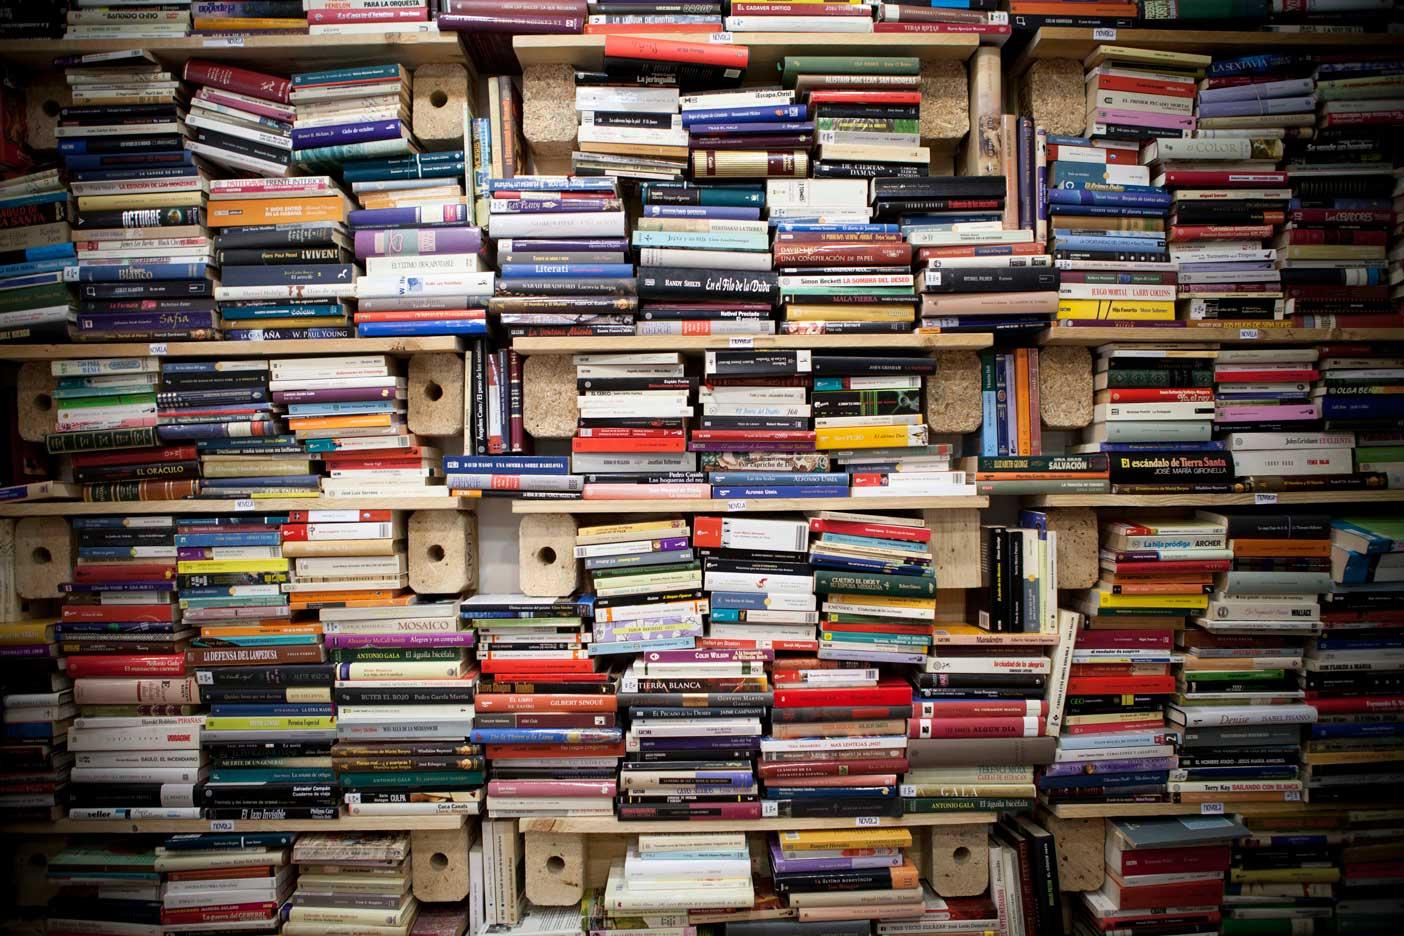 Ysi pasamos las horas en una librer a - Libreria segunda mano online ...